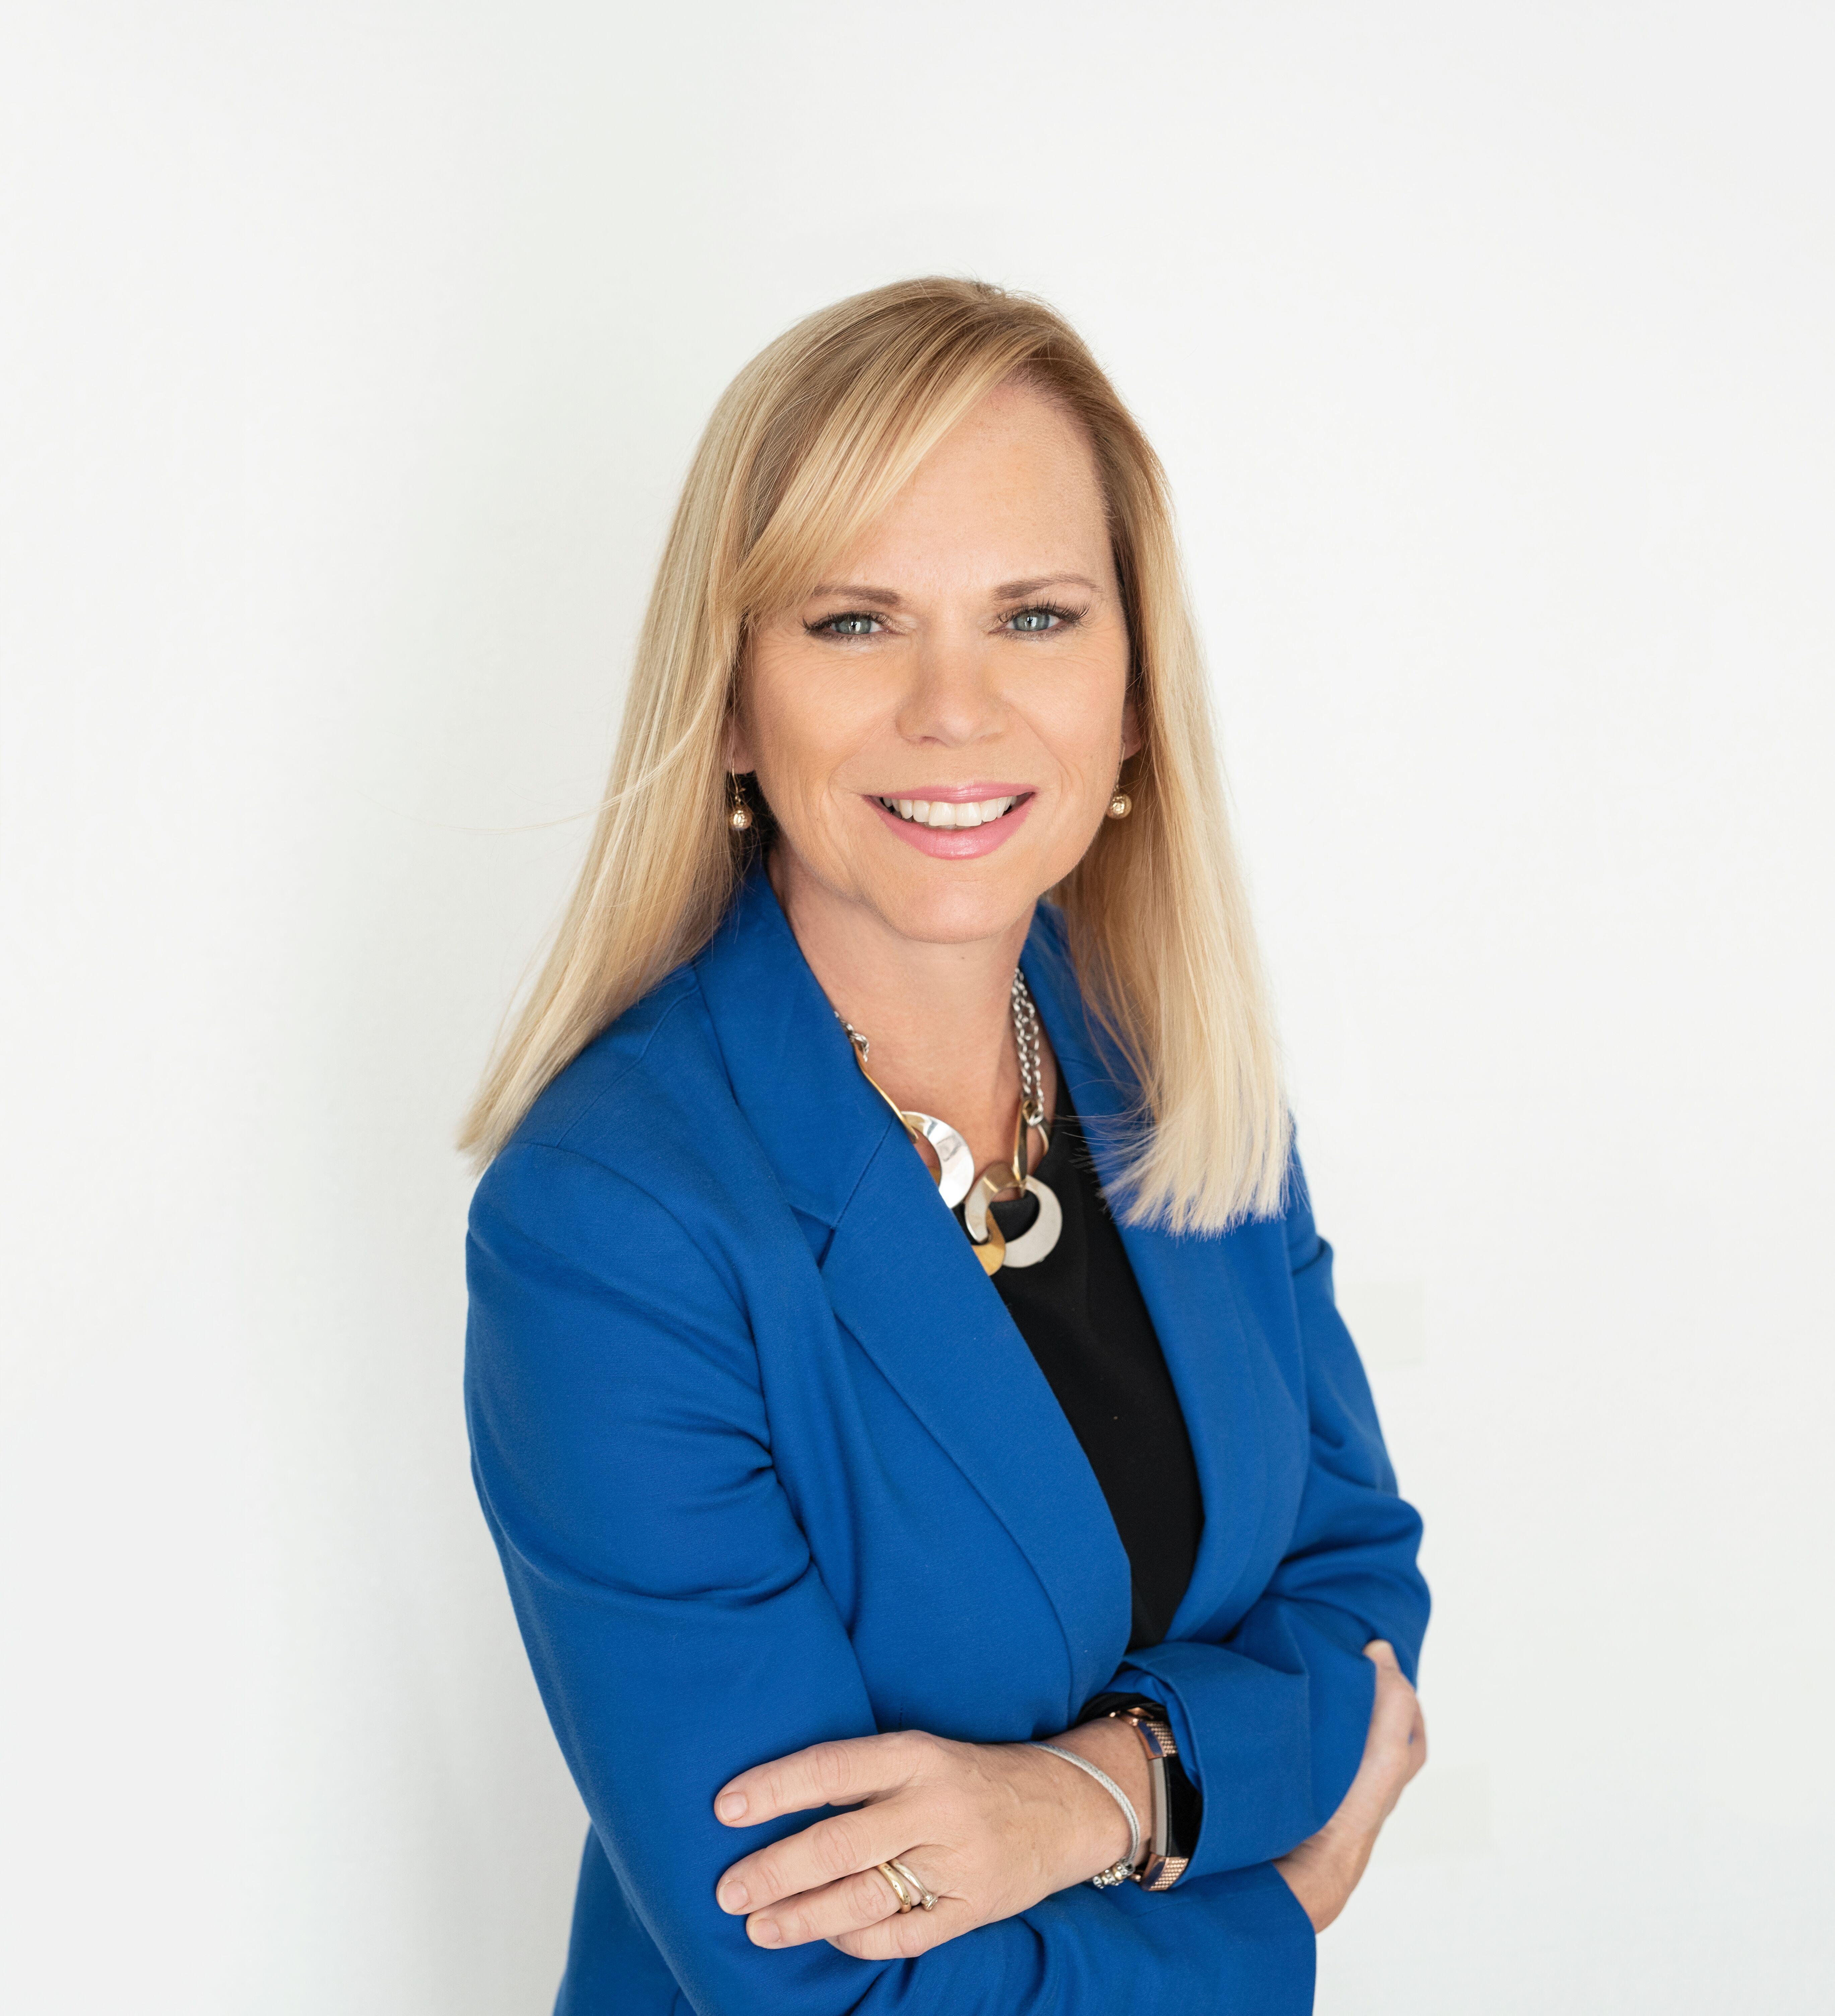 Kathy Buckworth